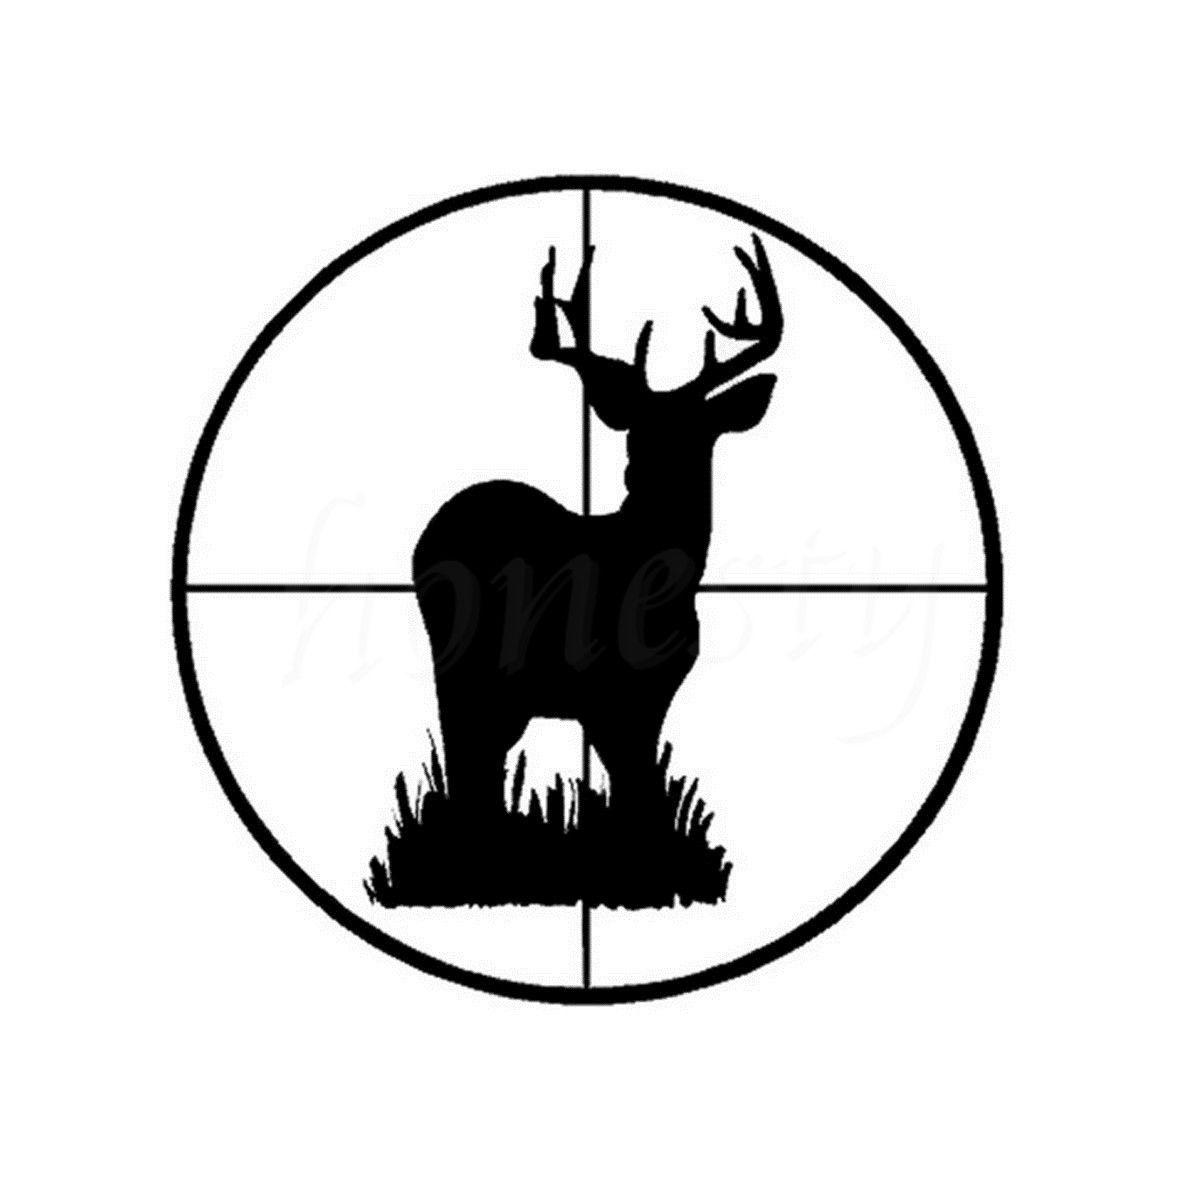 Promoción de Objetivo De Los Ciervos - Compra Objetivo De